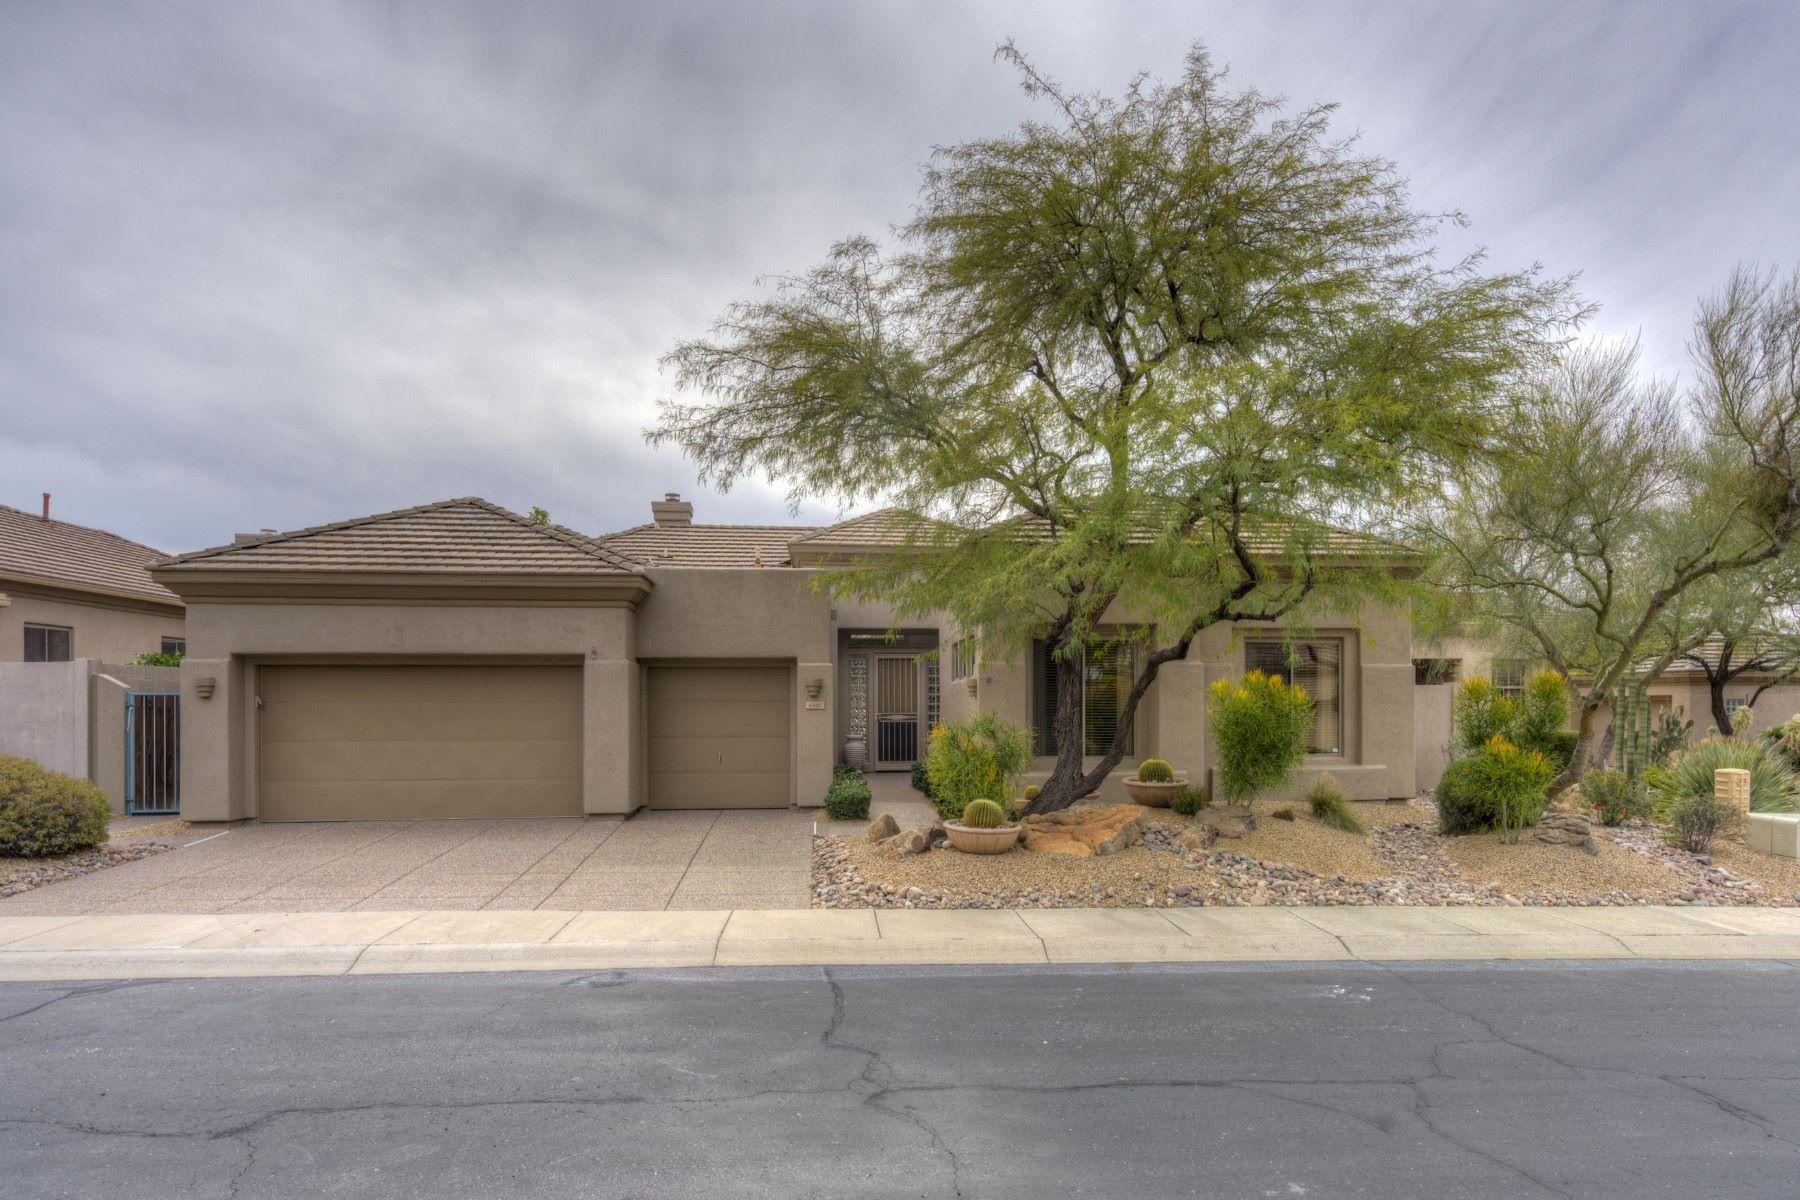 Частный односемейный дом для того Продажа на Charming home in Scottsdale's Terravita 6347 E MARIOCA CIR W Scottsdale, Аризона, 85266 Соединенные Штаты